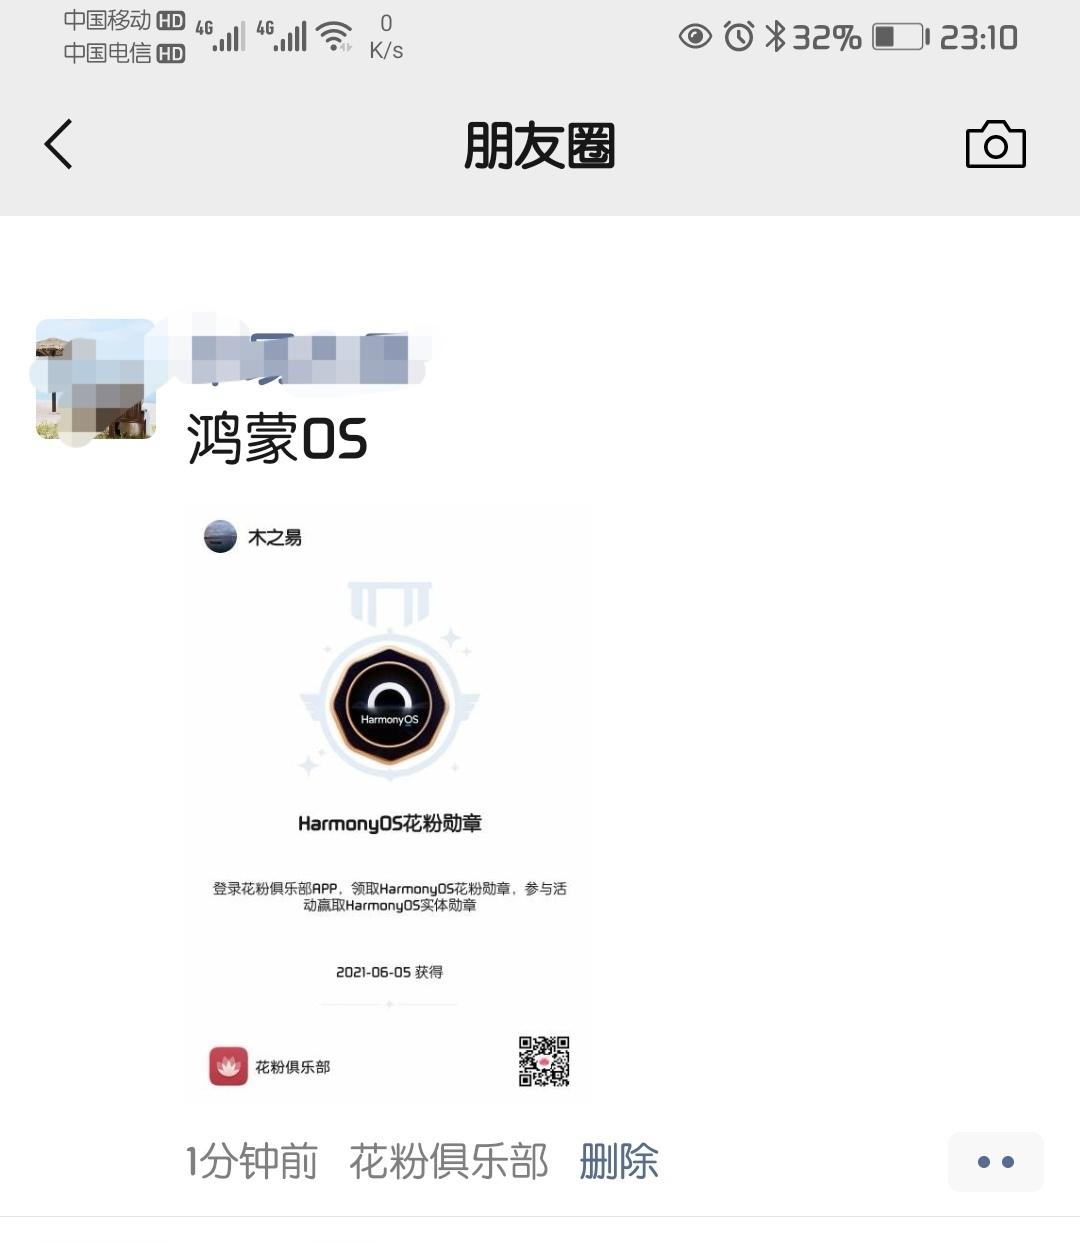 Screenshot_20210605_231003_com.tencent.mm_edit_47107344636561.jpg